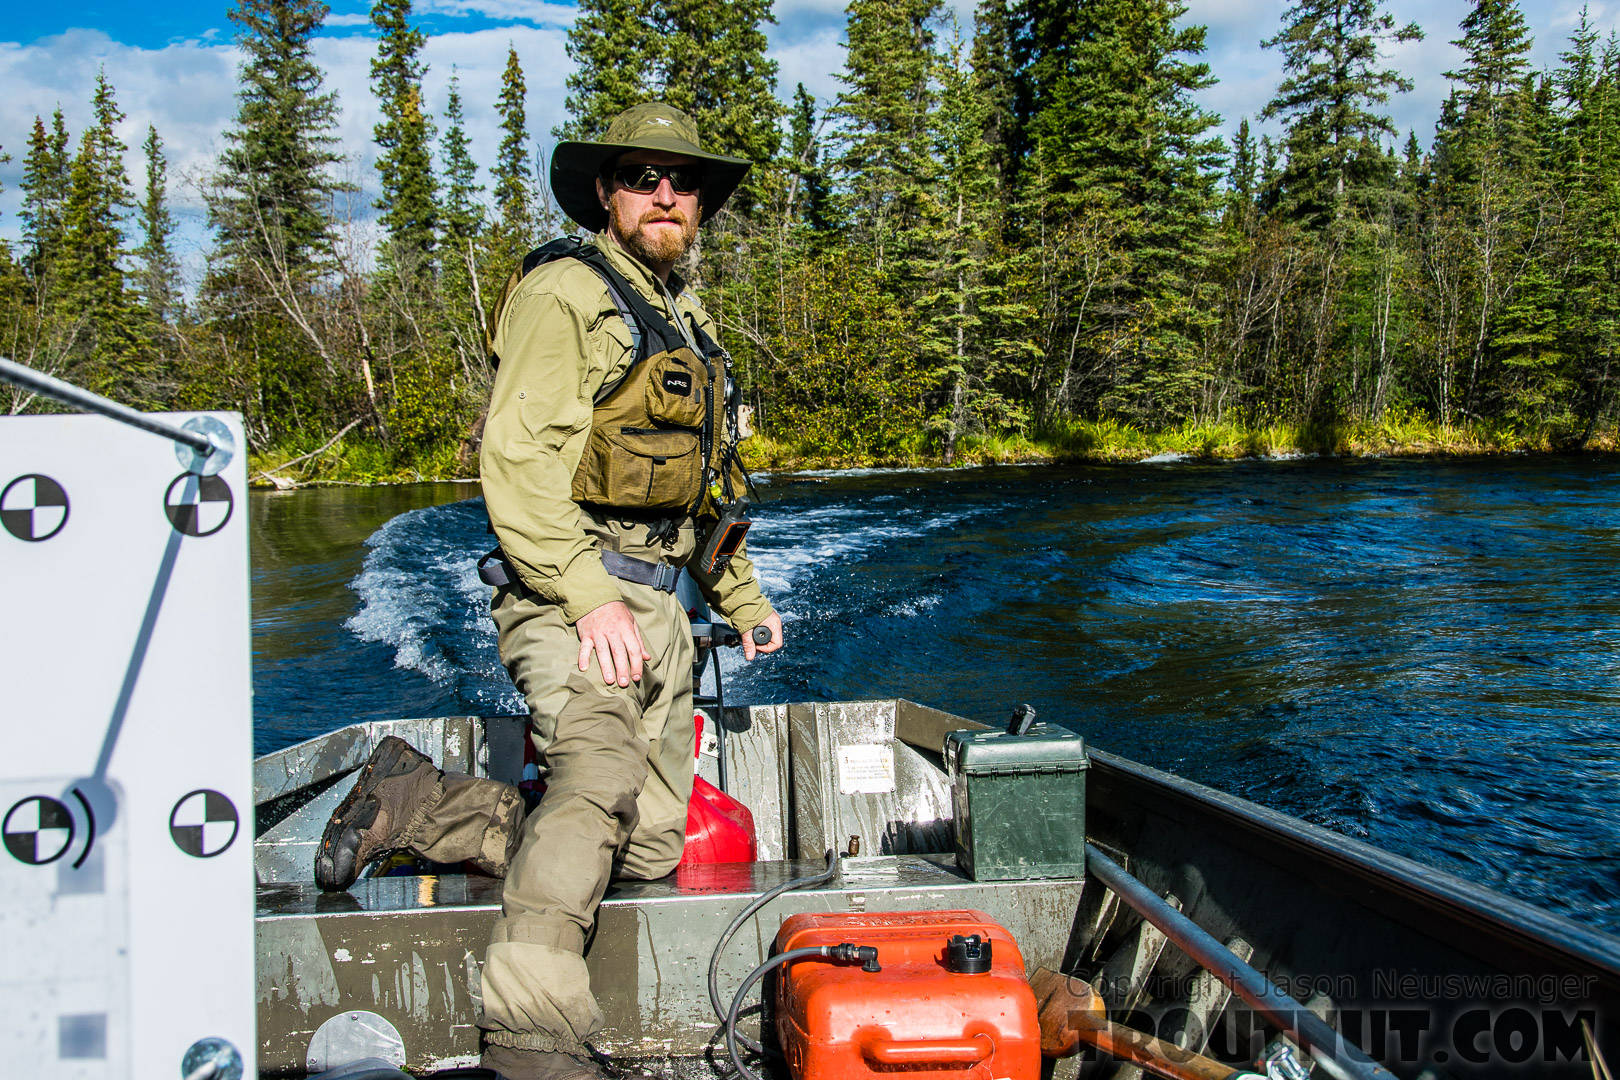 From Mystery Creek # 186 in Alaska.